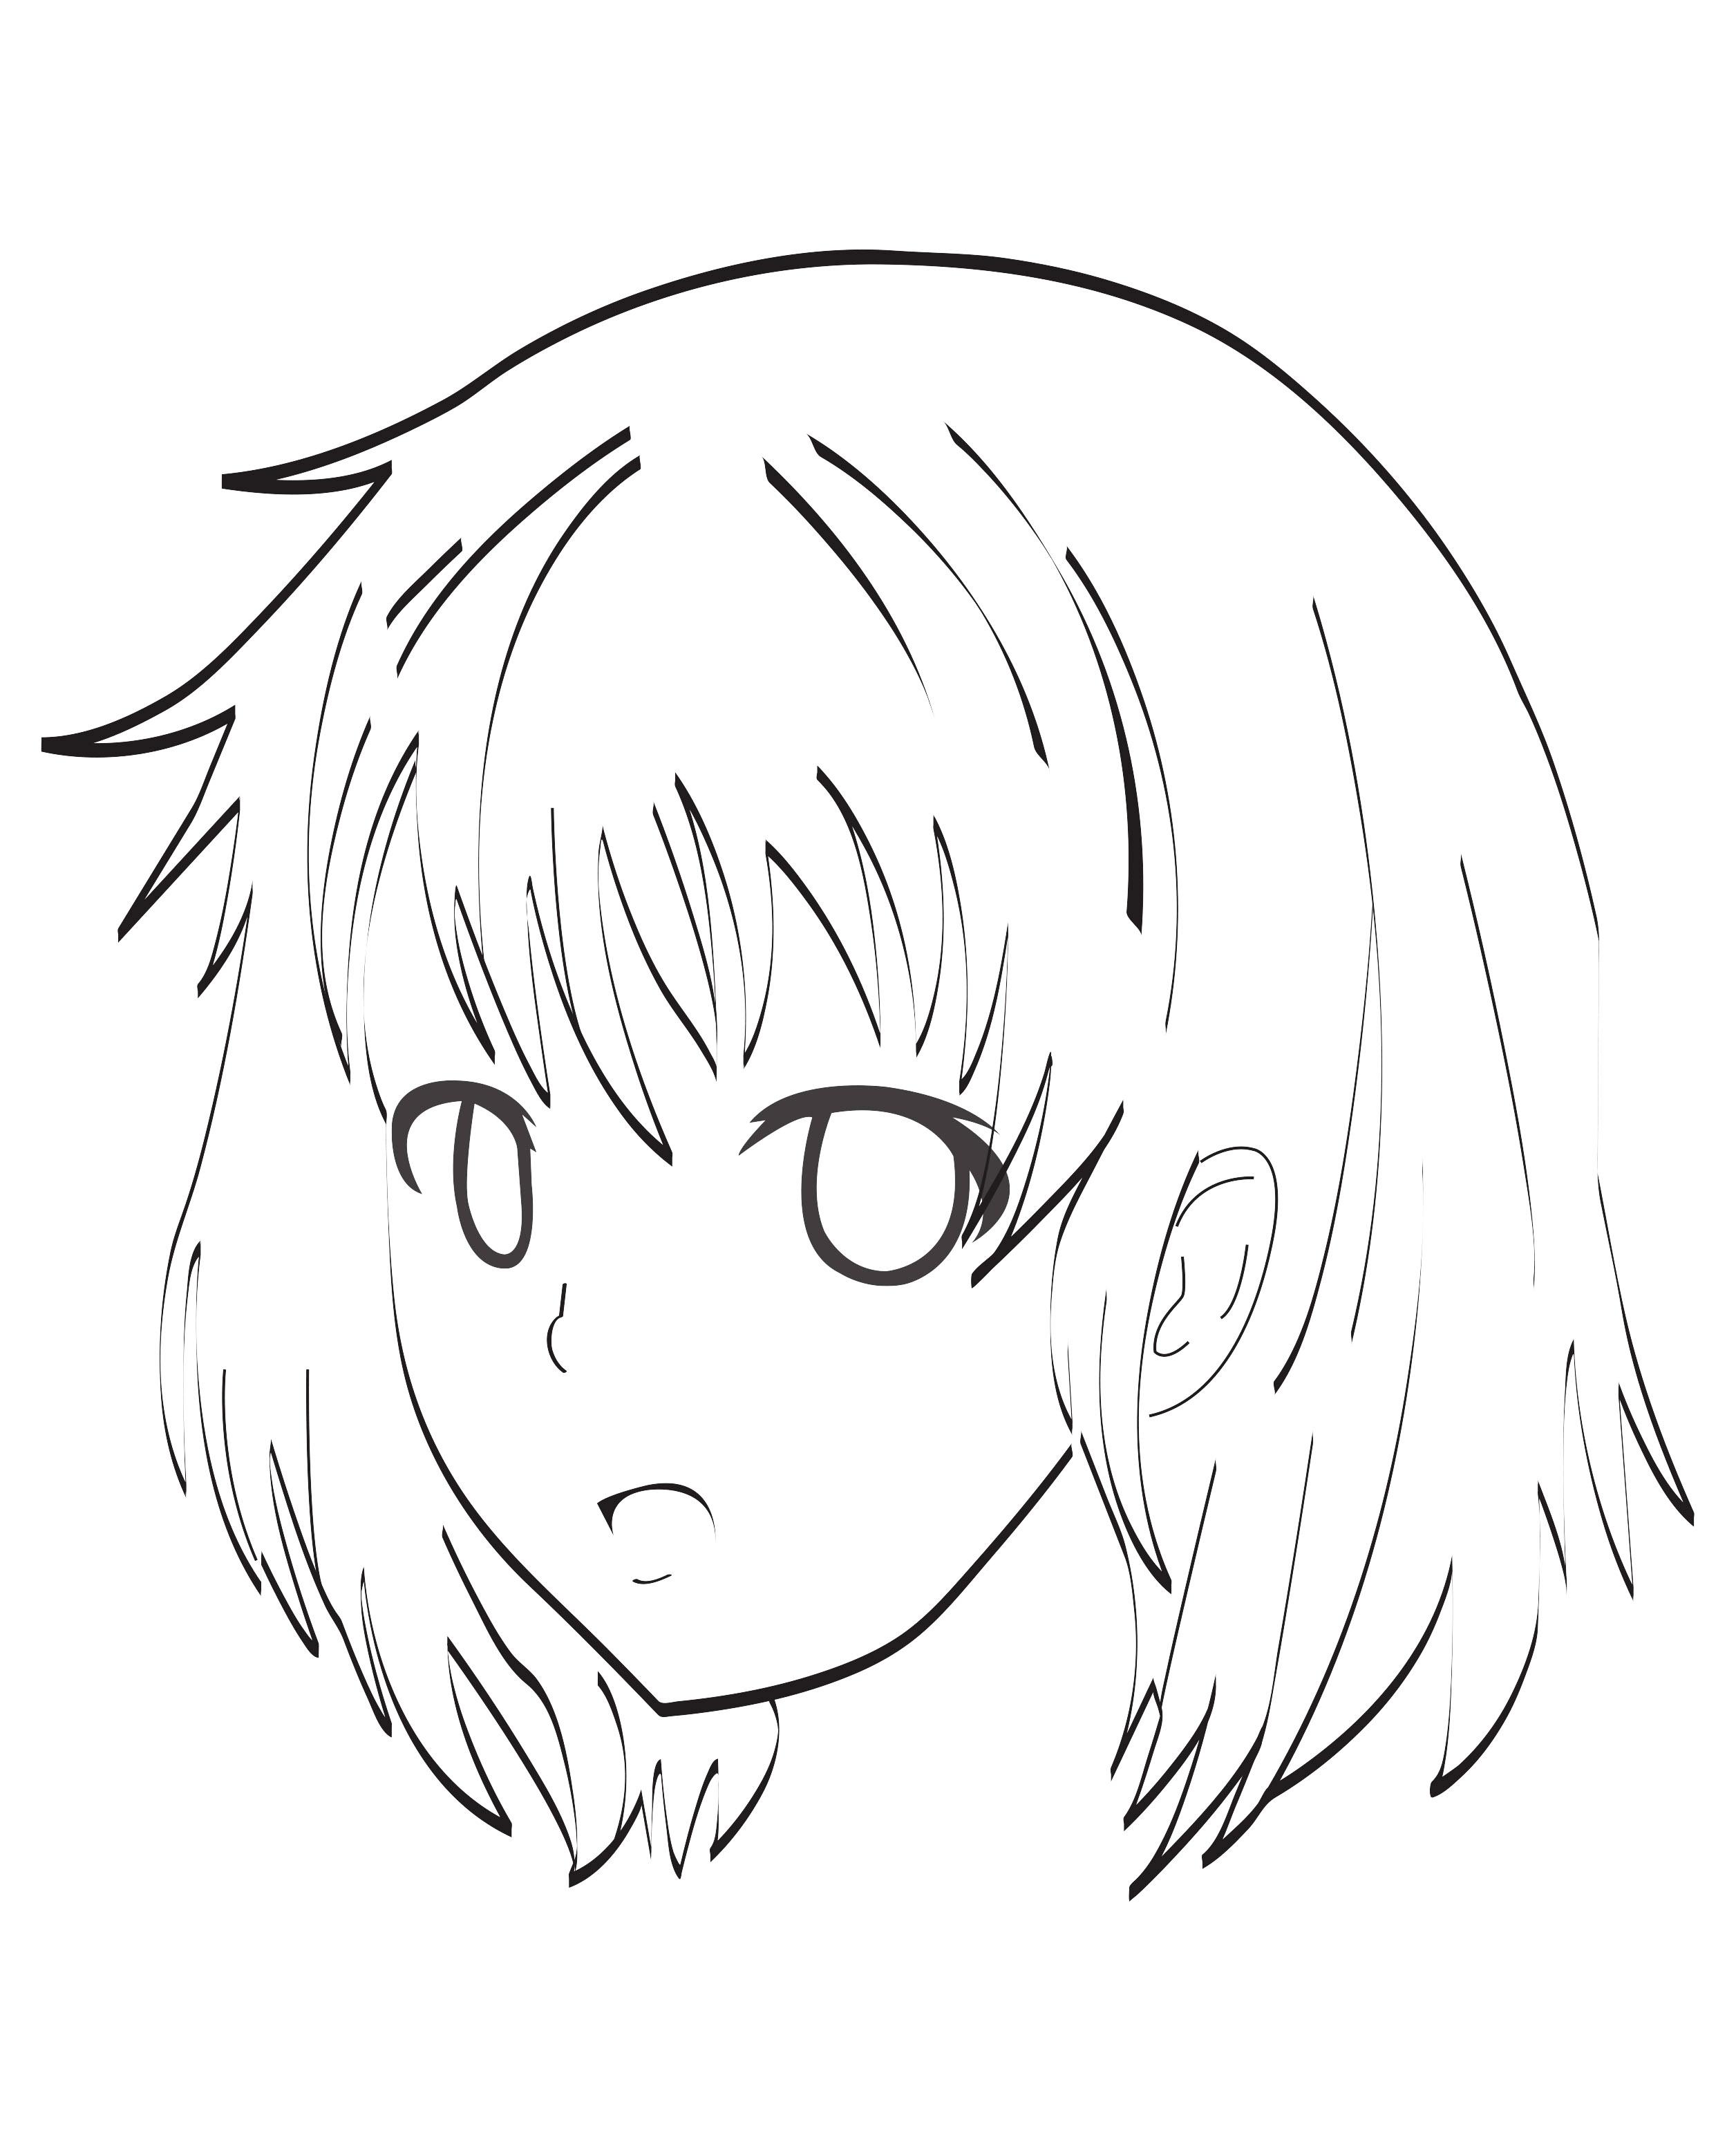 Manga - Divers Animes Et Mangas - Coloriages Pour Enfants destiné Coloriage Manga Kawaii